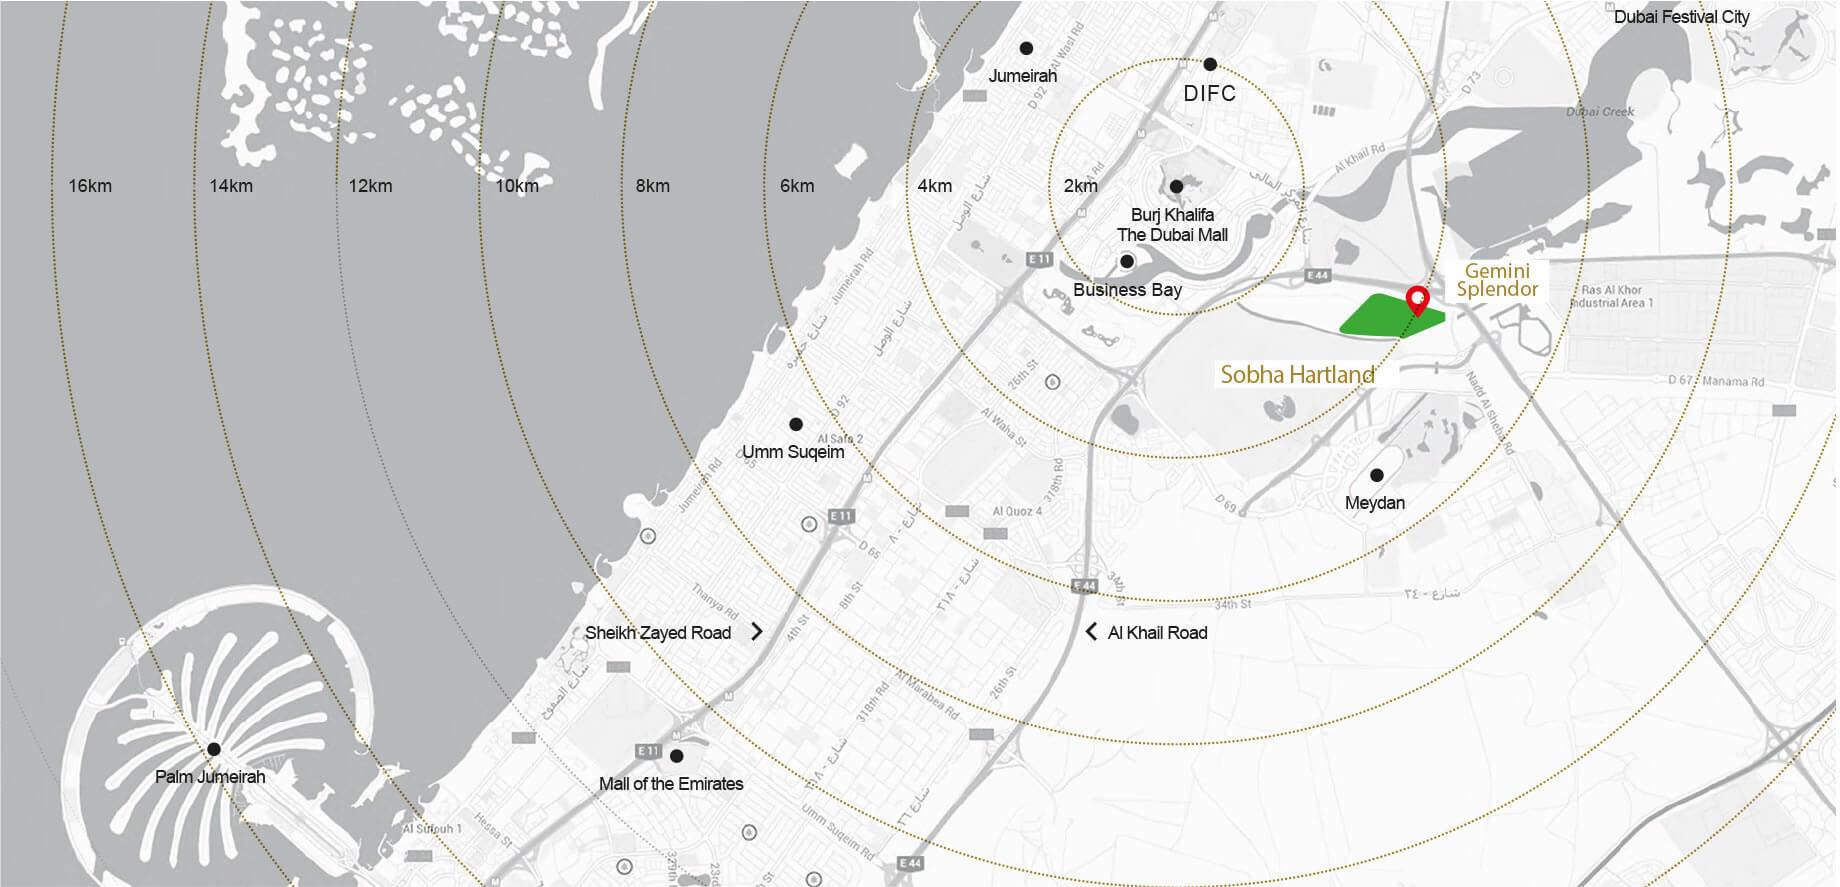 Gemini-Splendor Location Map